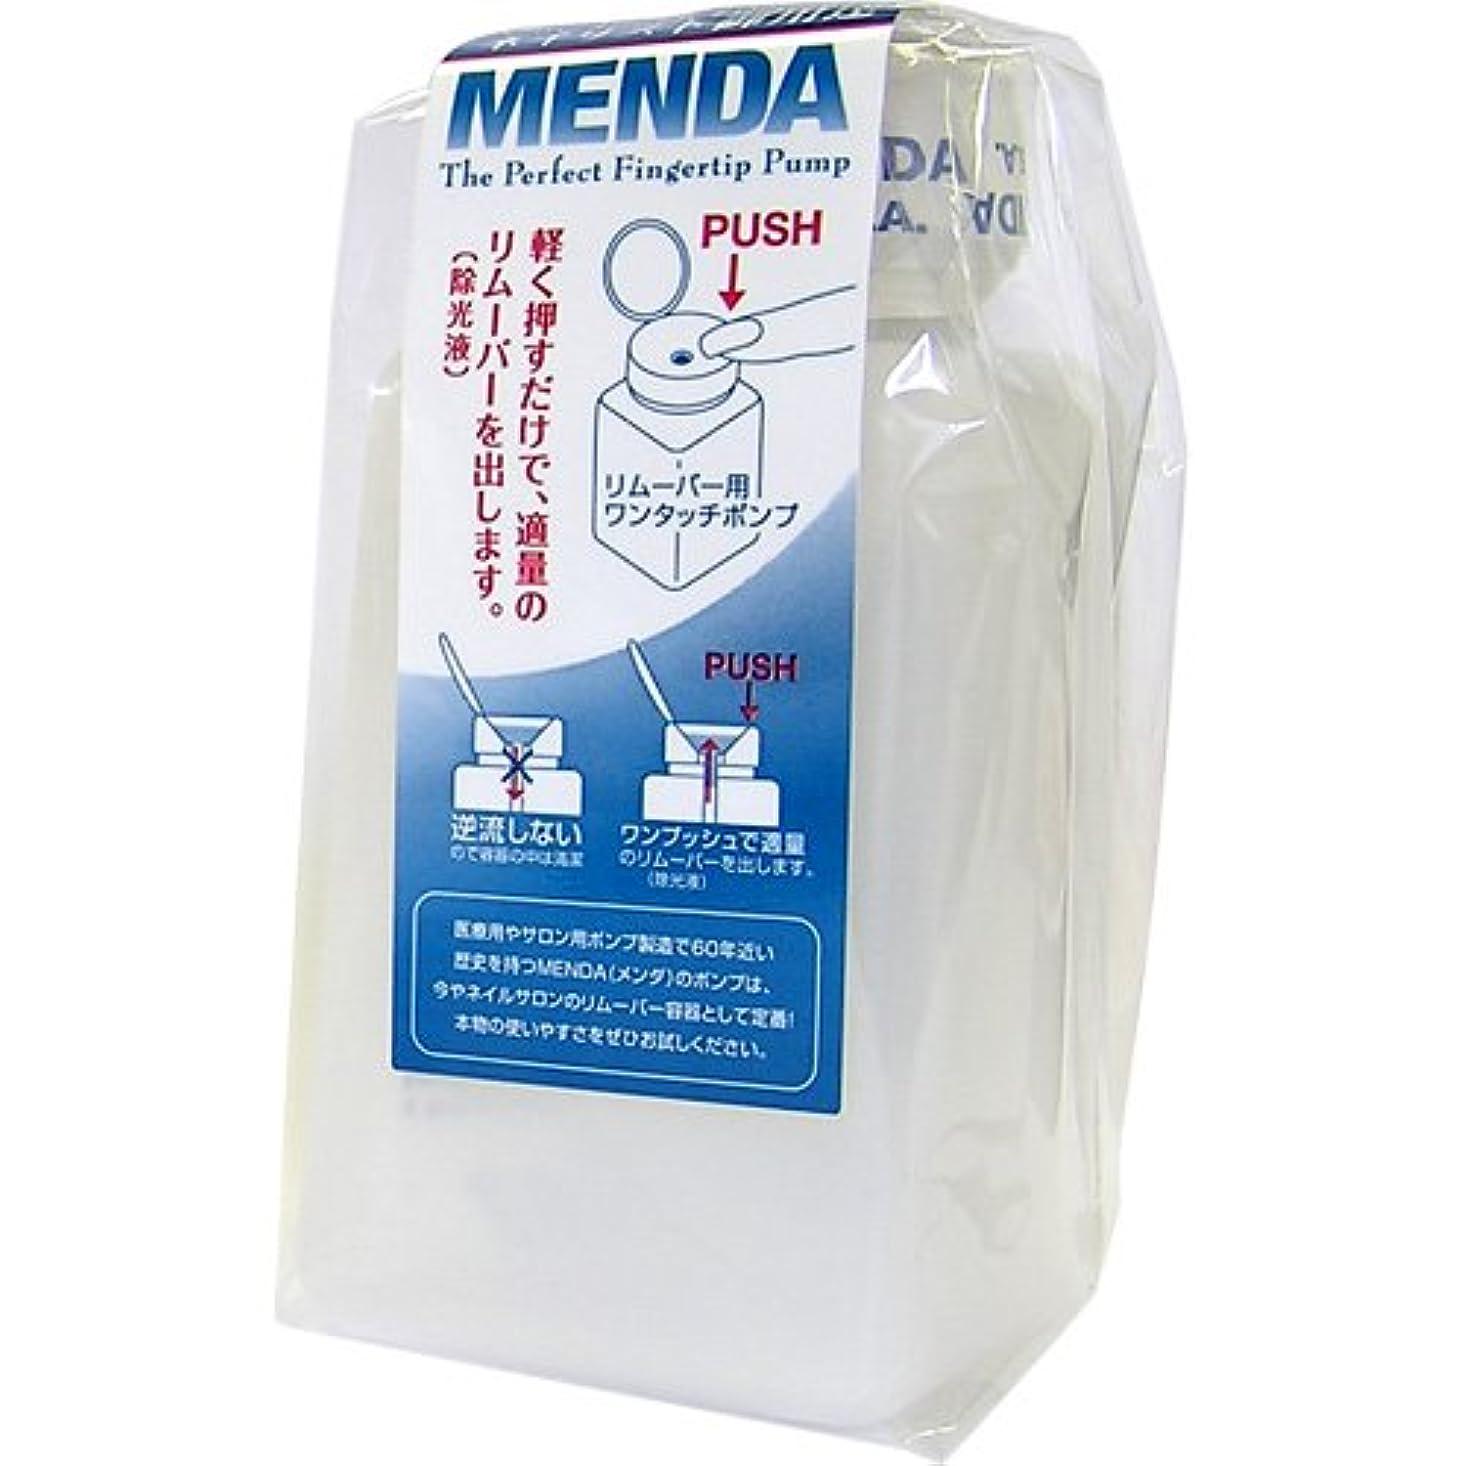 クリエイティブファンタジー不変メンダ<MENDA>リムーバー用ワンタッチポンプ180ml(6oz)